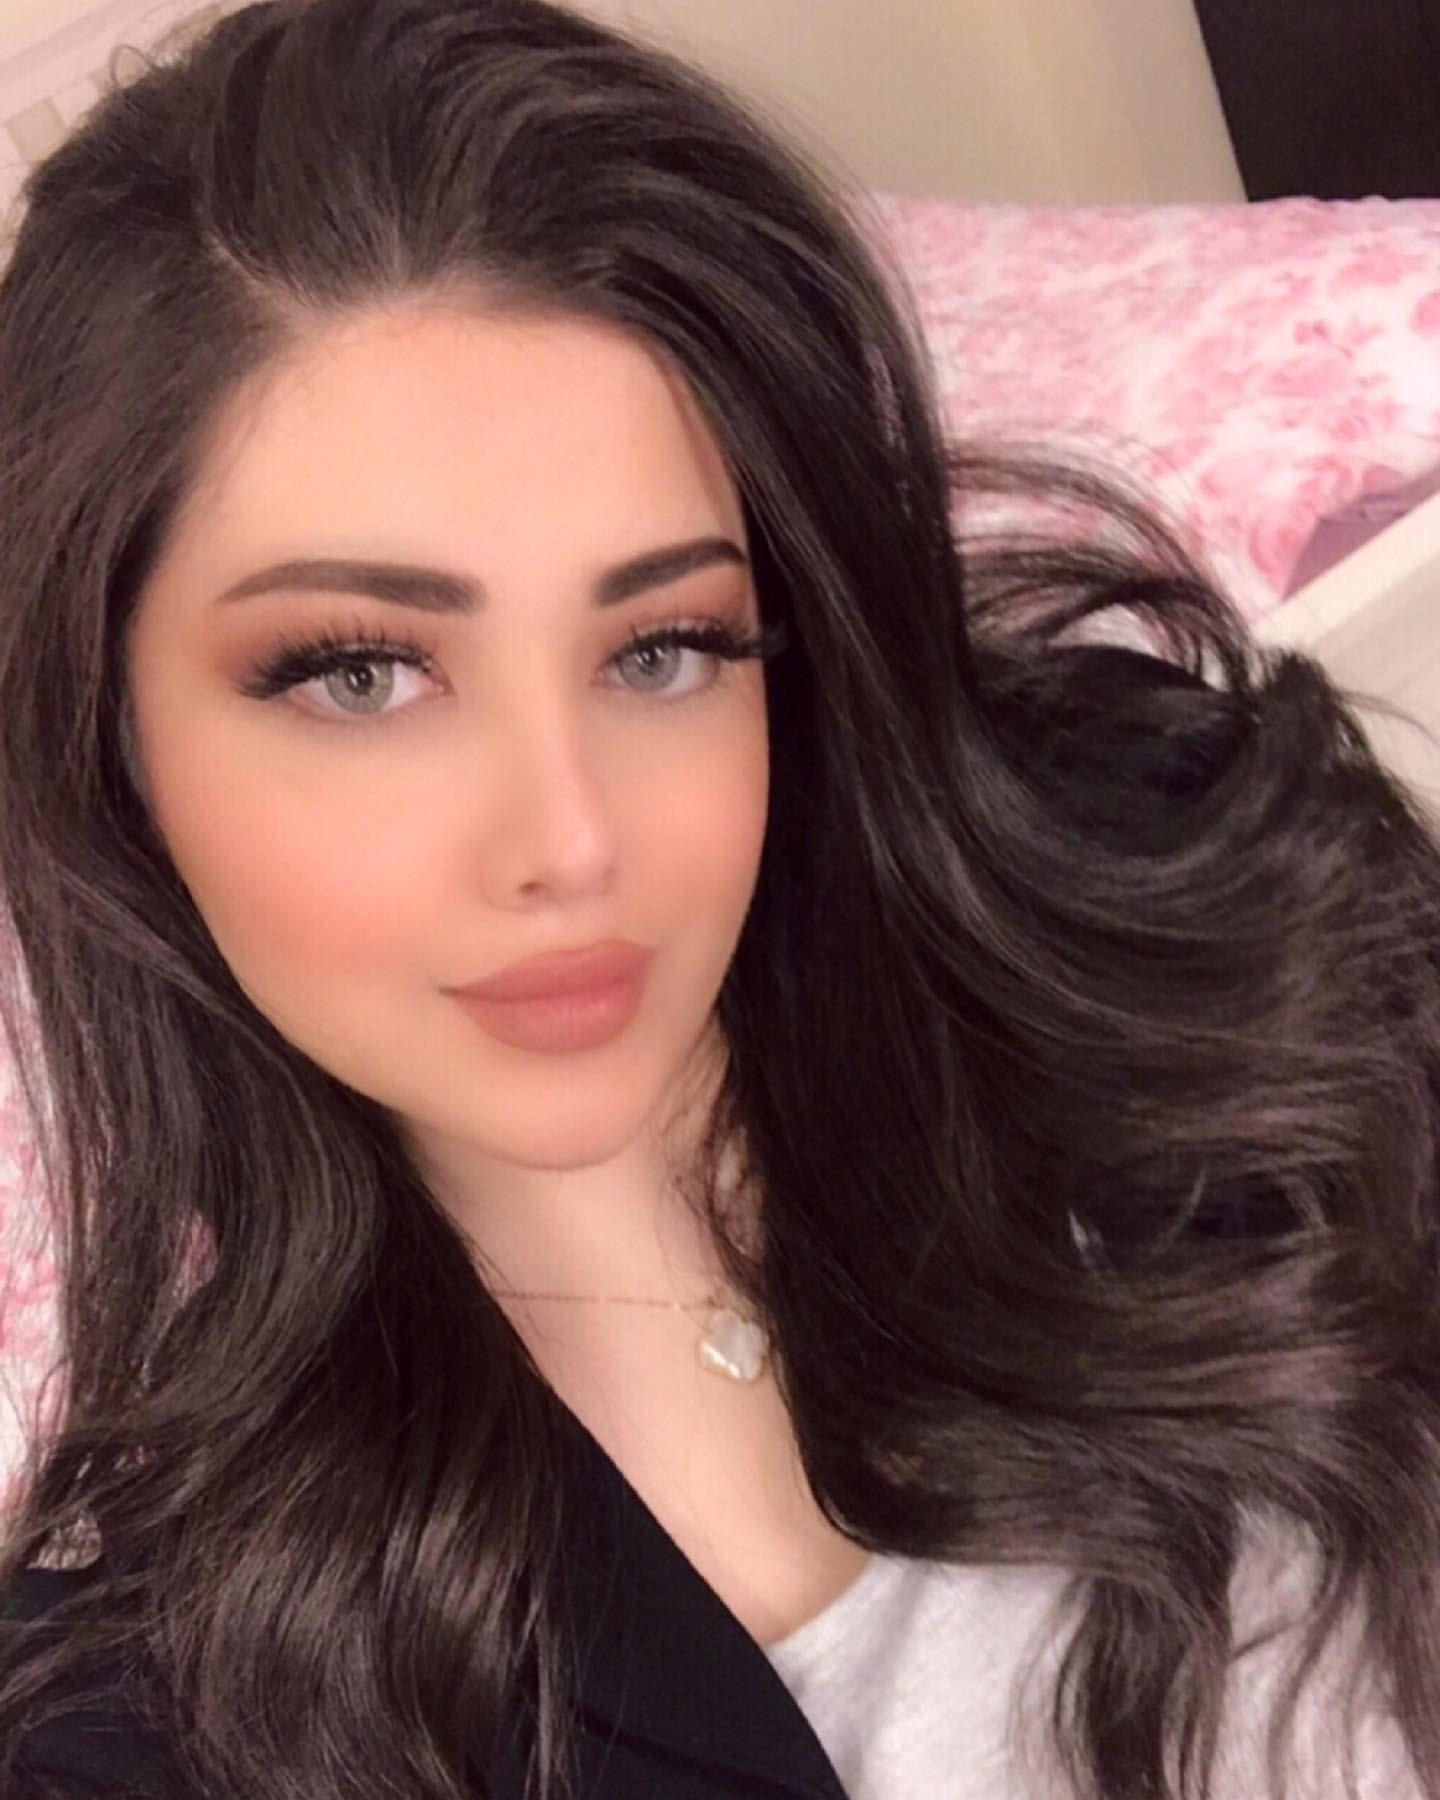 Pin By Lotus On Kuwaiti Women Beautiful Girl Image Beauty Girl Cute Girl Face